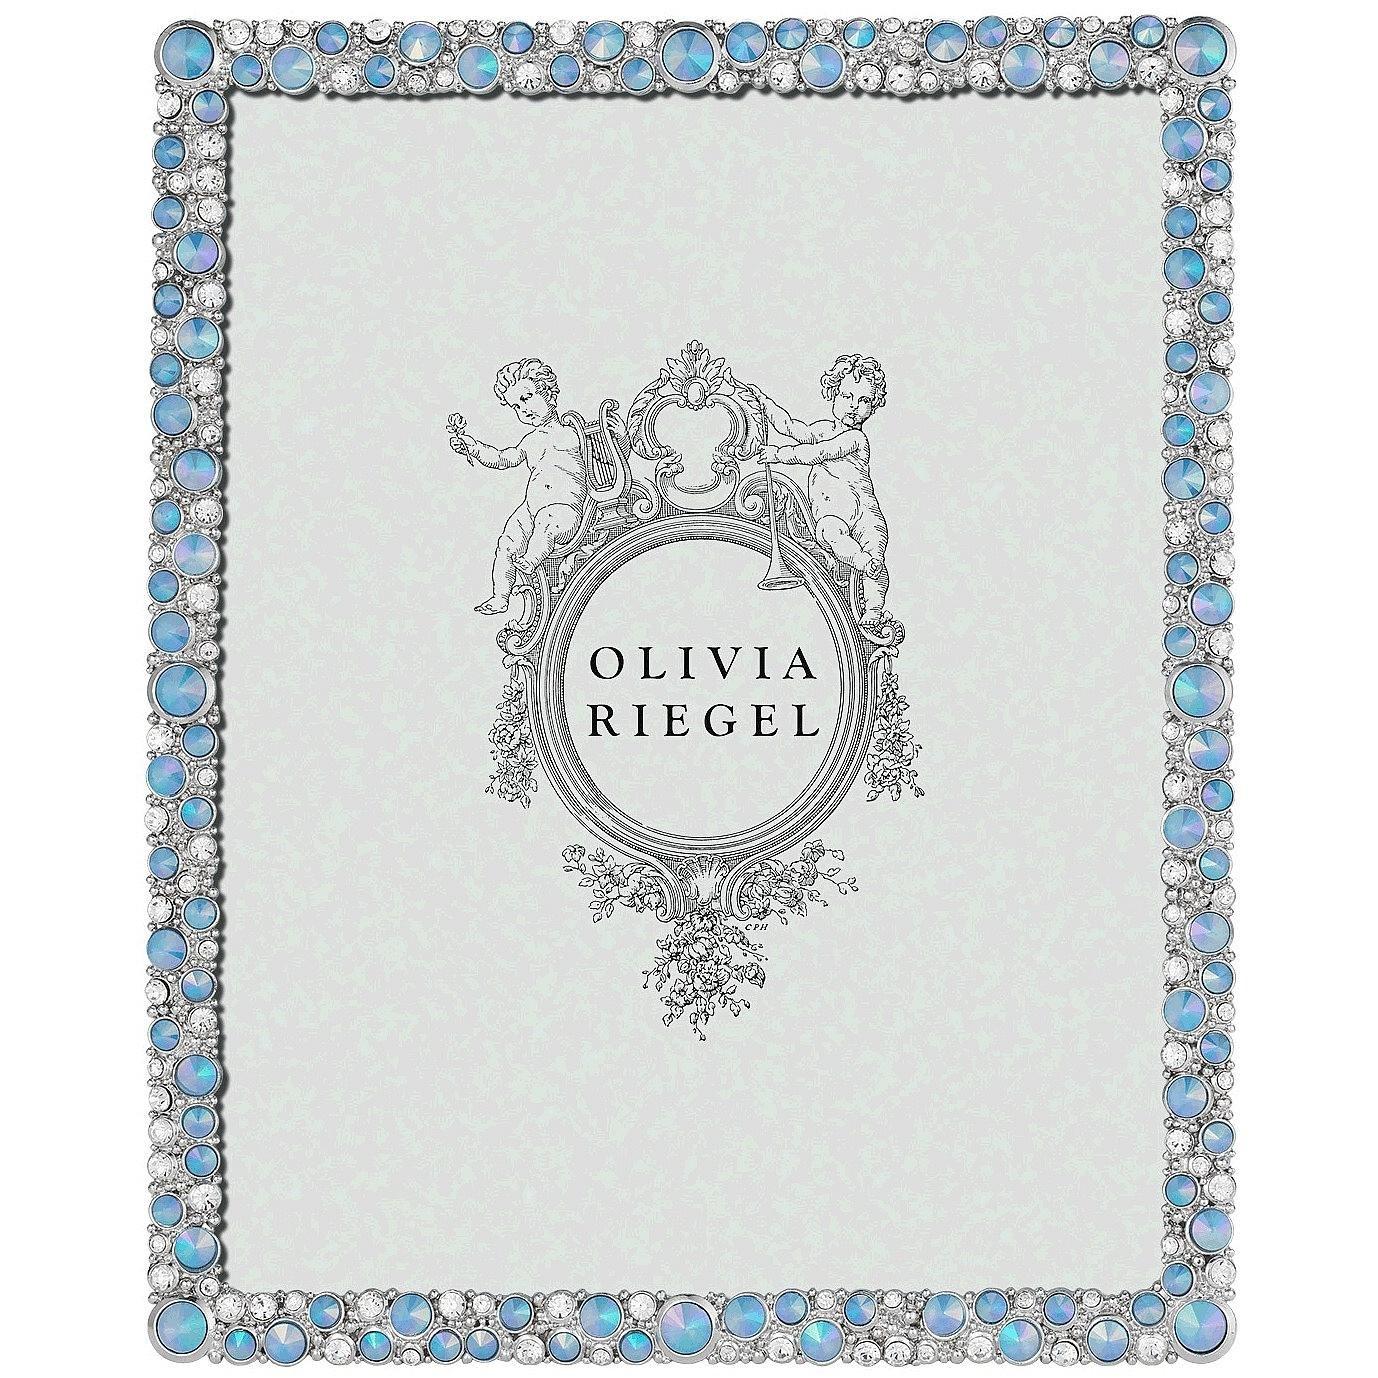 シルバーMcKenzieオーストリアクリスタル&ブルーOpaline 8 x 10フレームby Olivia Riegel – 8 x 10 B01D5U0IEY